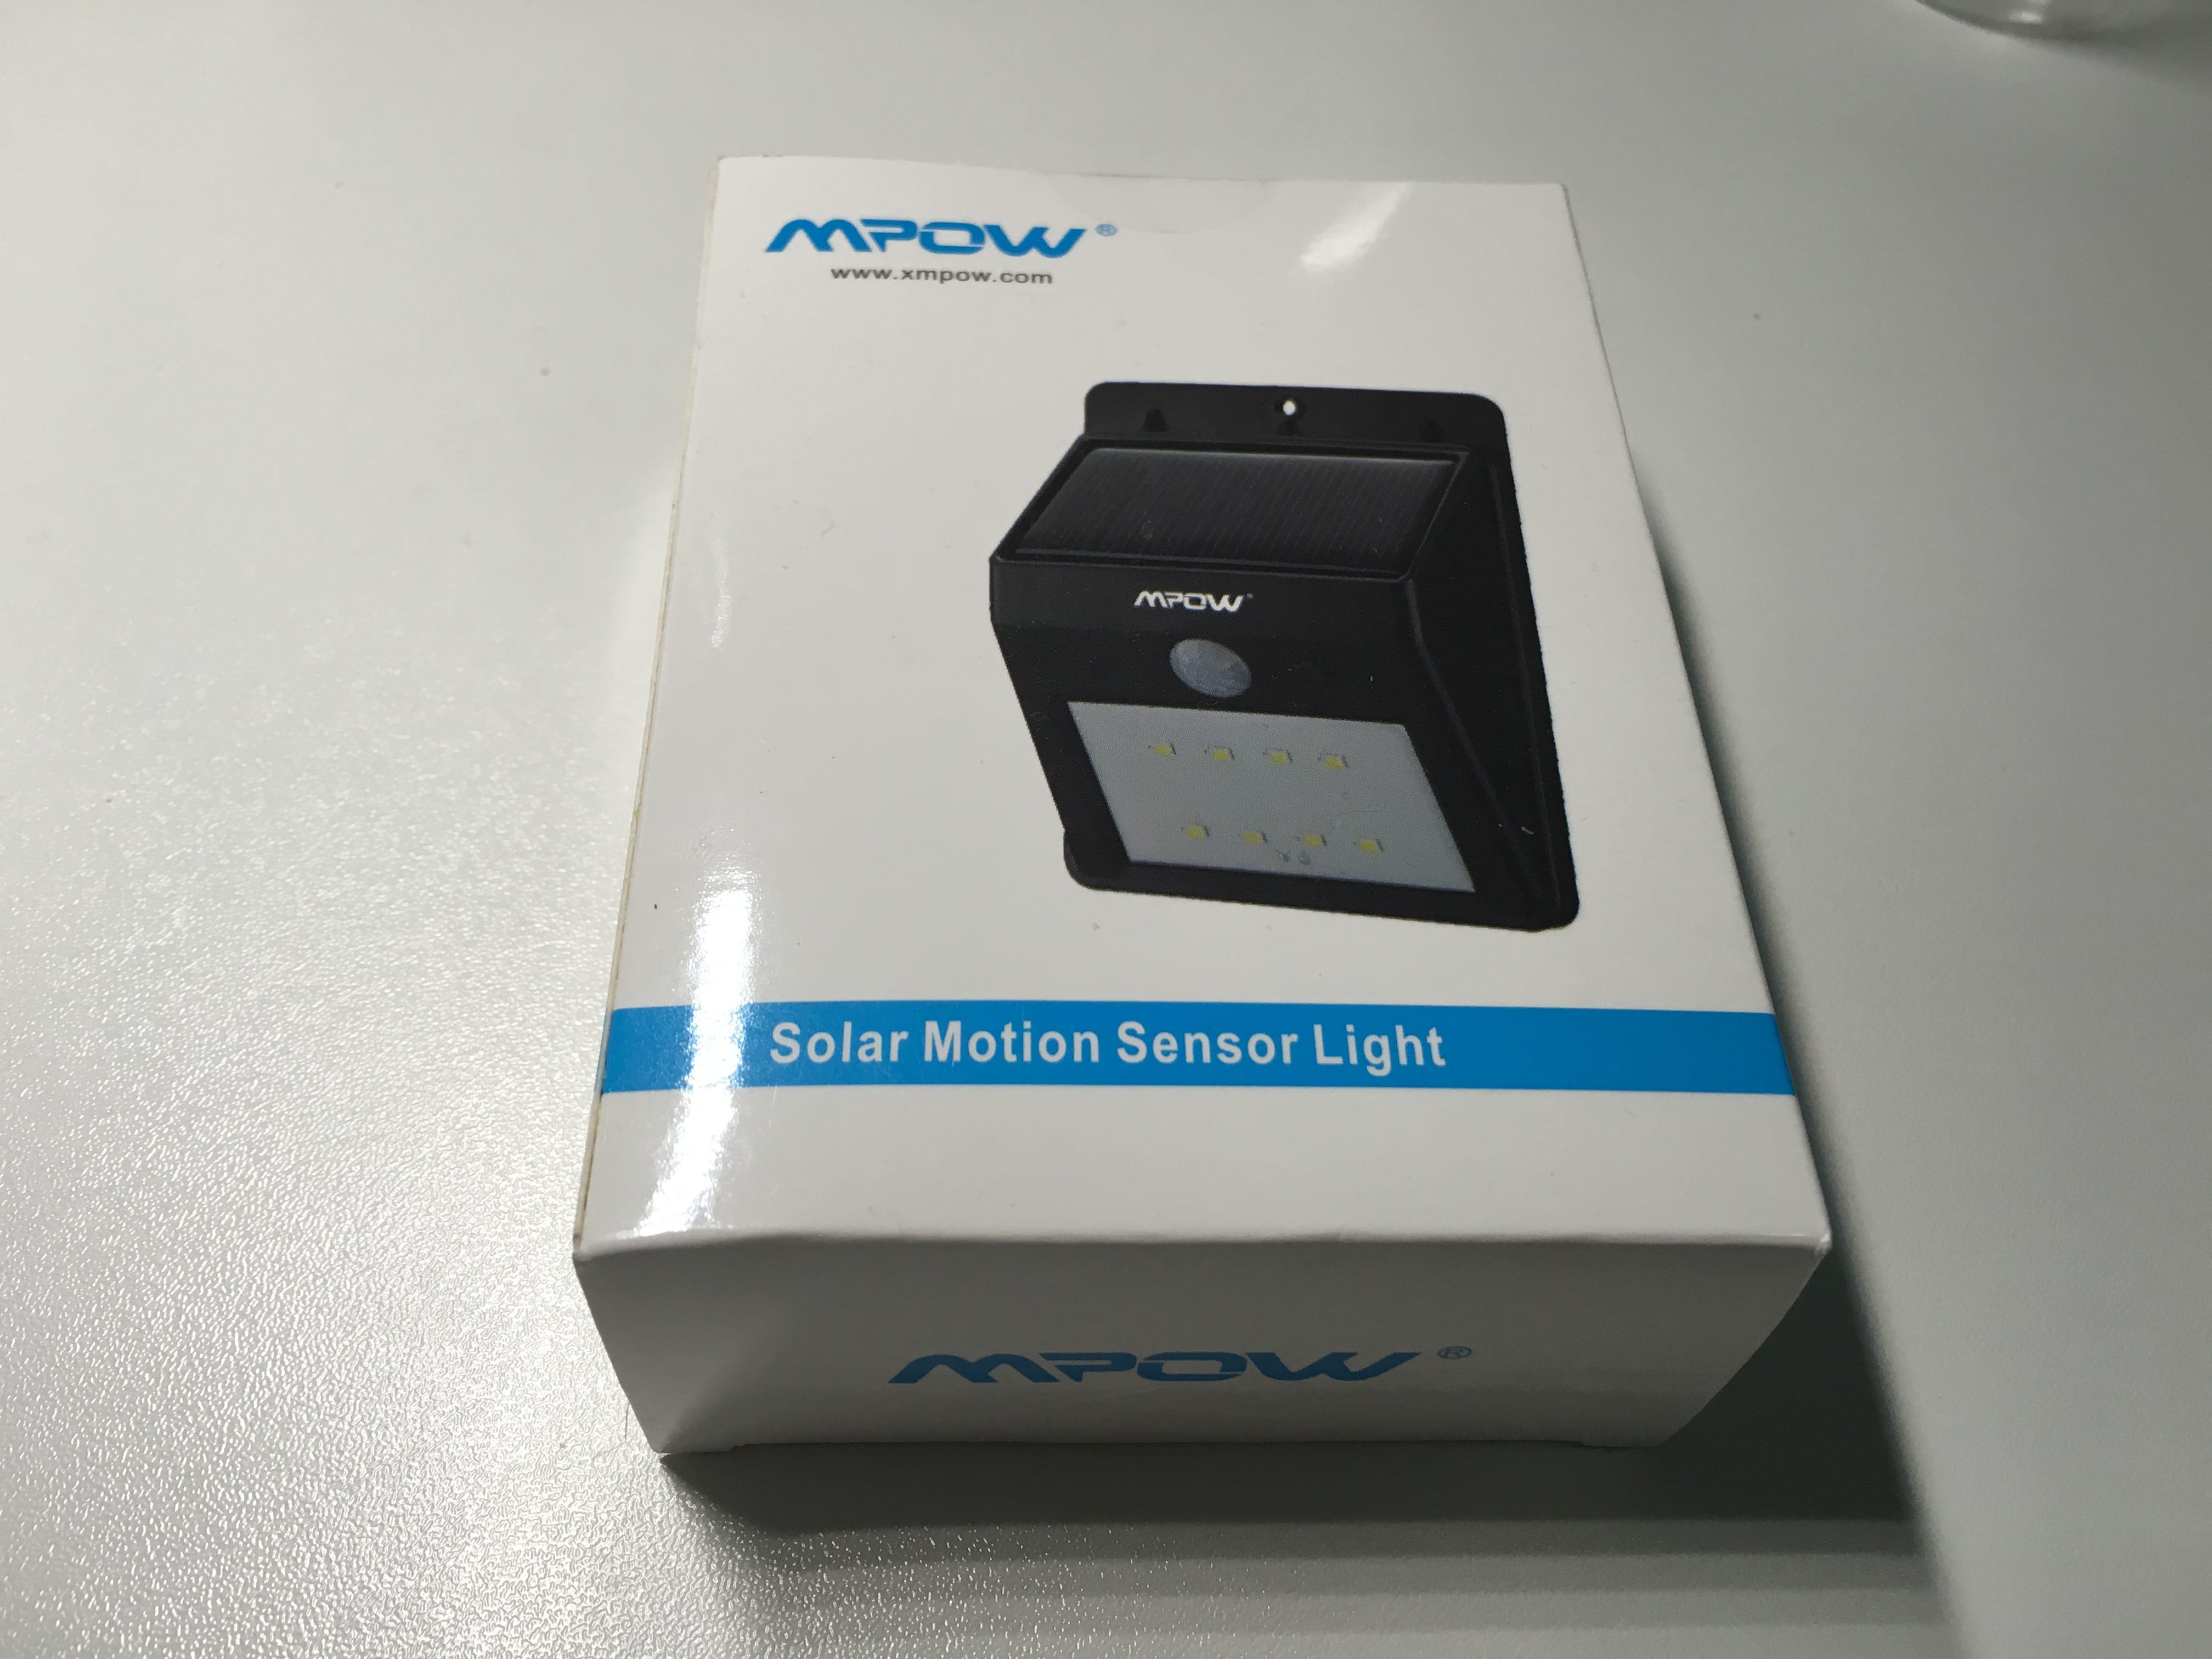 Lampada LED potentissima, alimentata da energia solare con sensore ...